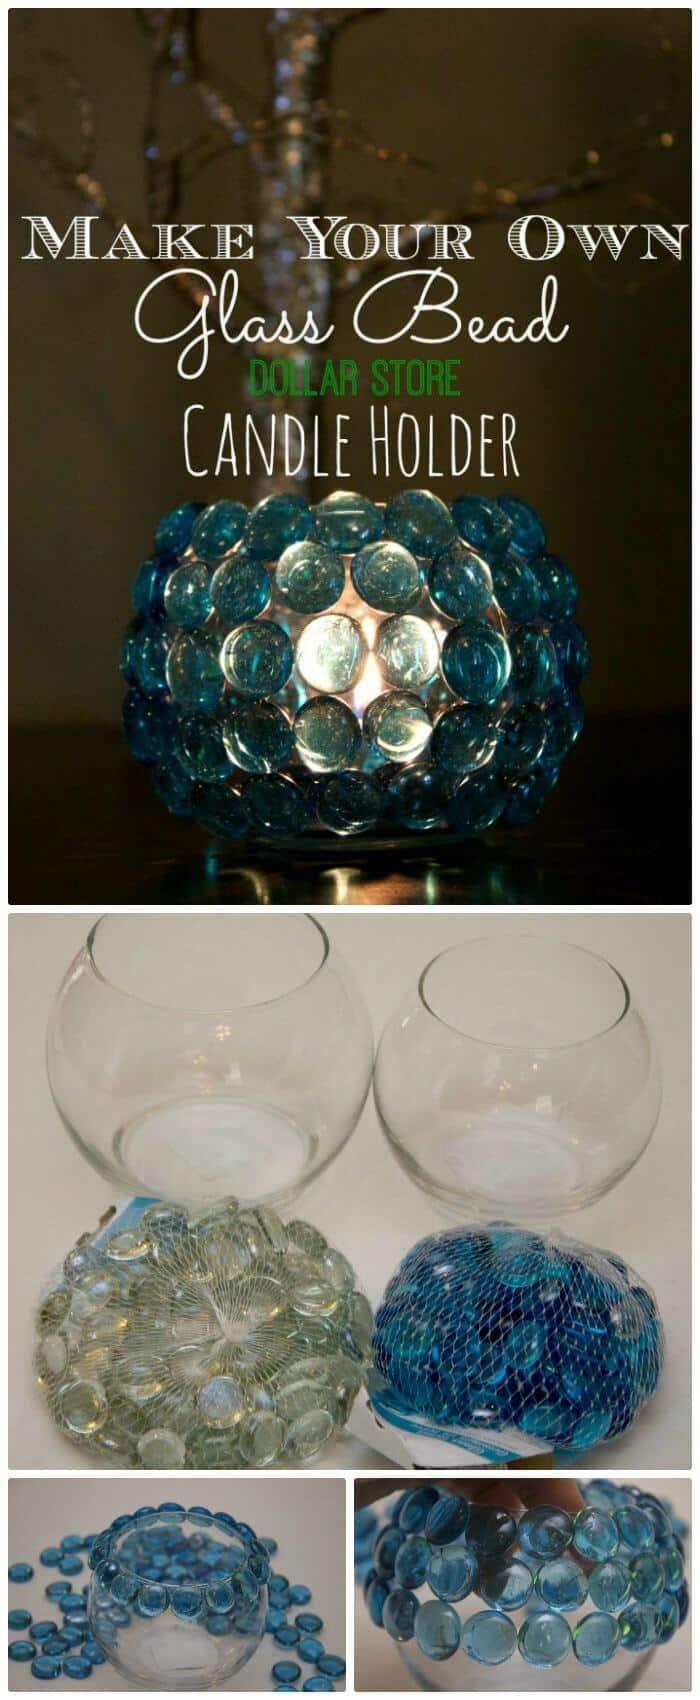 Florero de cuentas de vidrio de bricolaje con artículos de la tienda de dólar